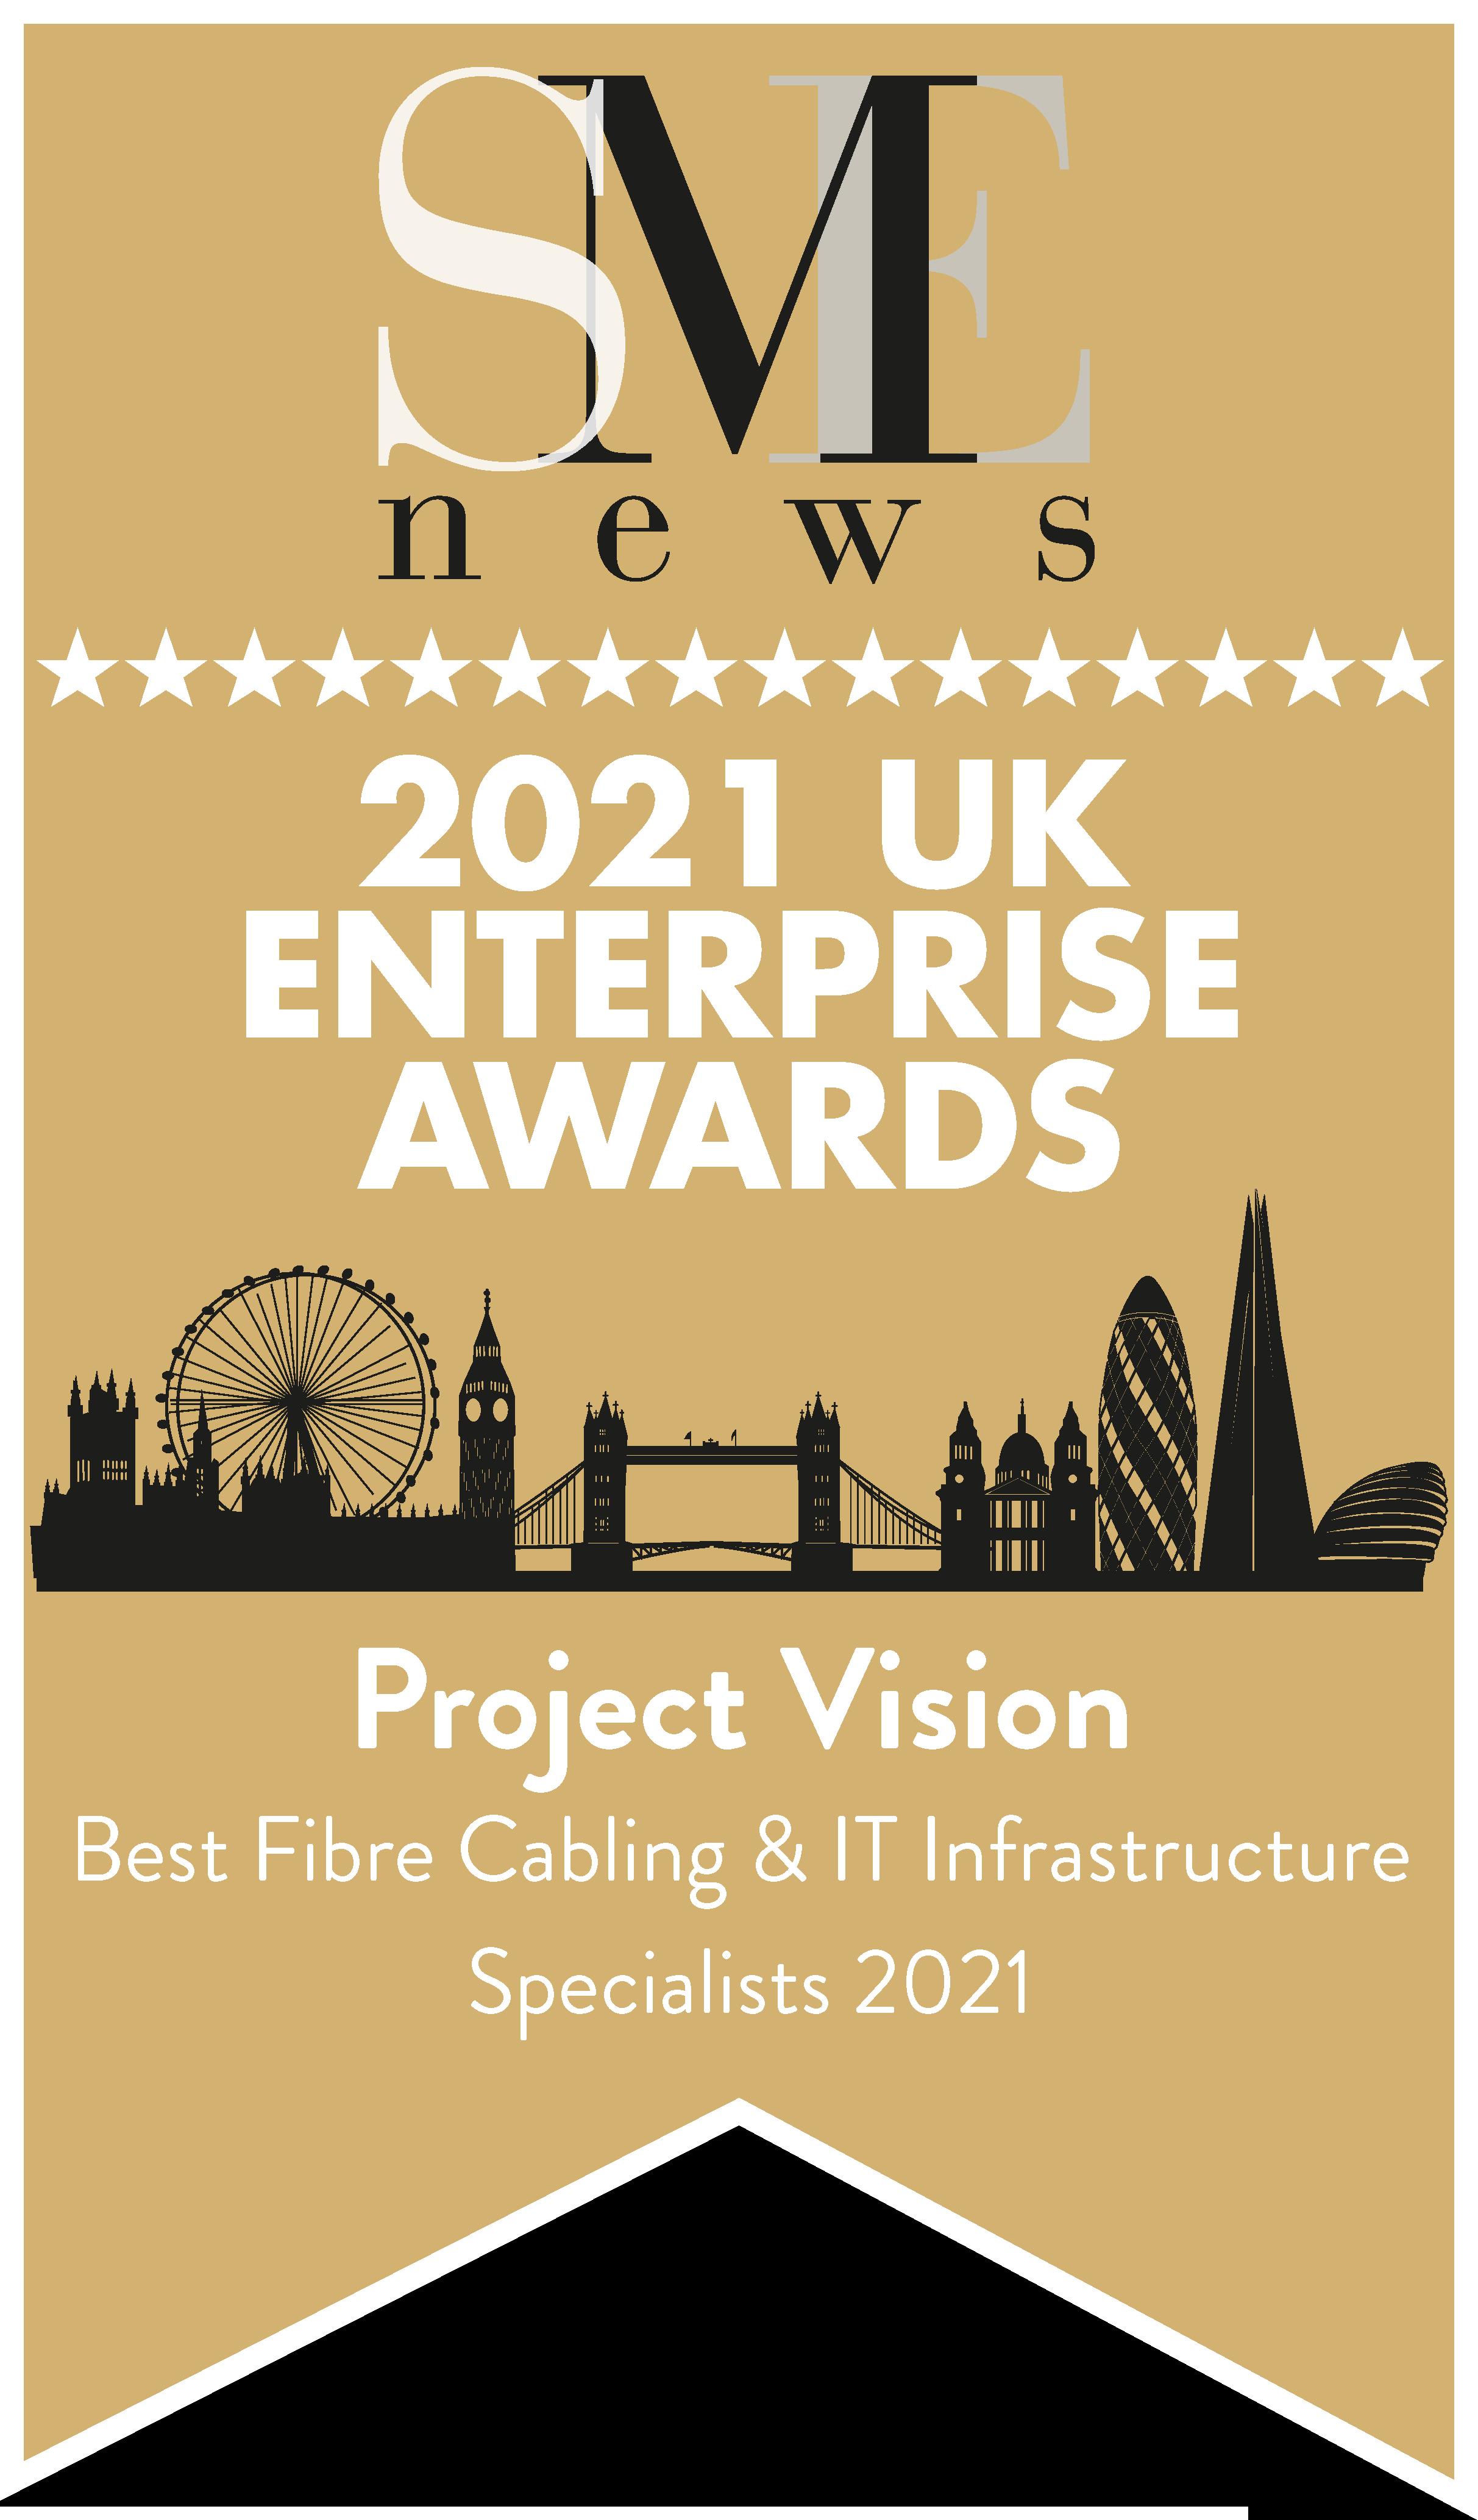 May21809-UK Enterprise Awards 2021 Winners Logo